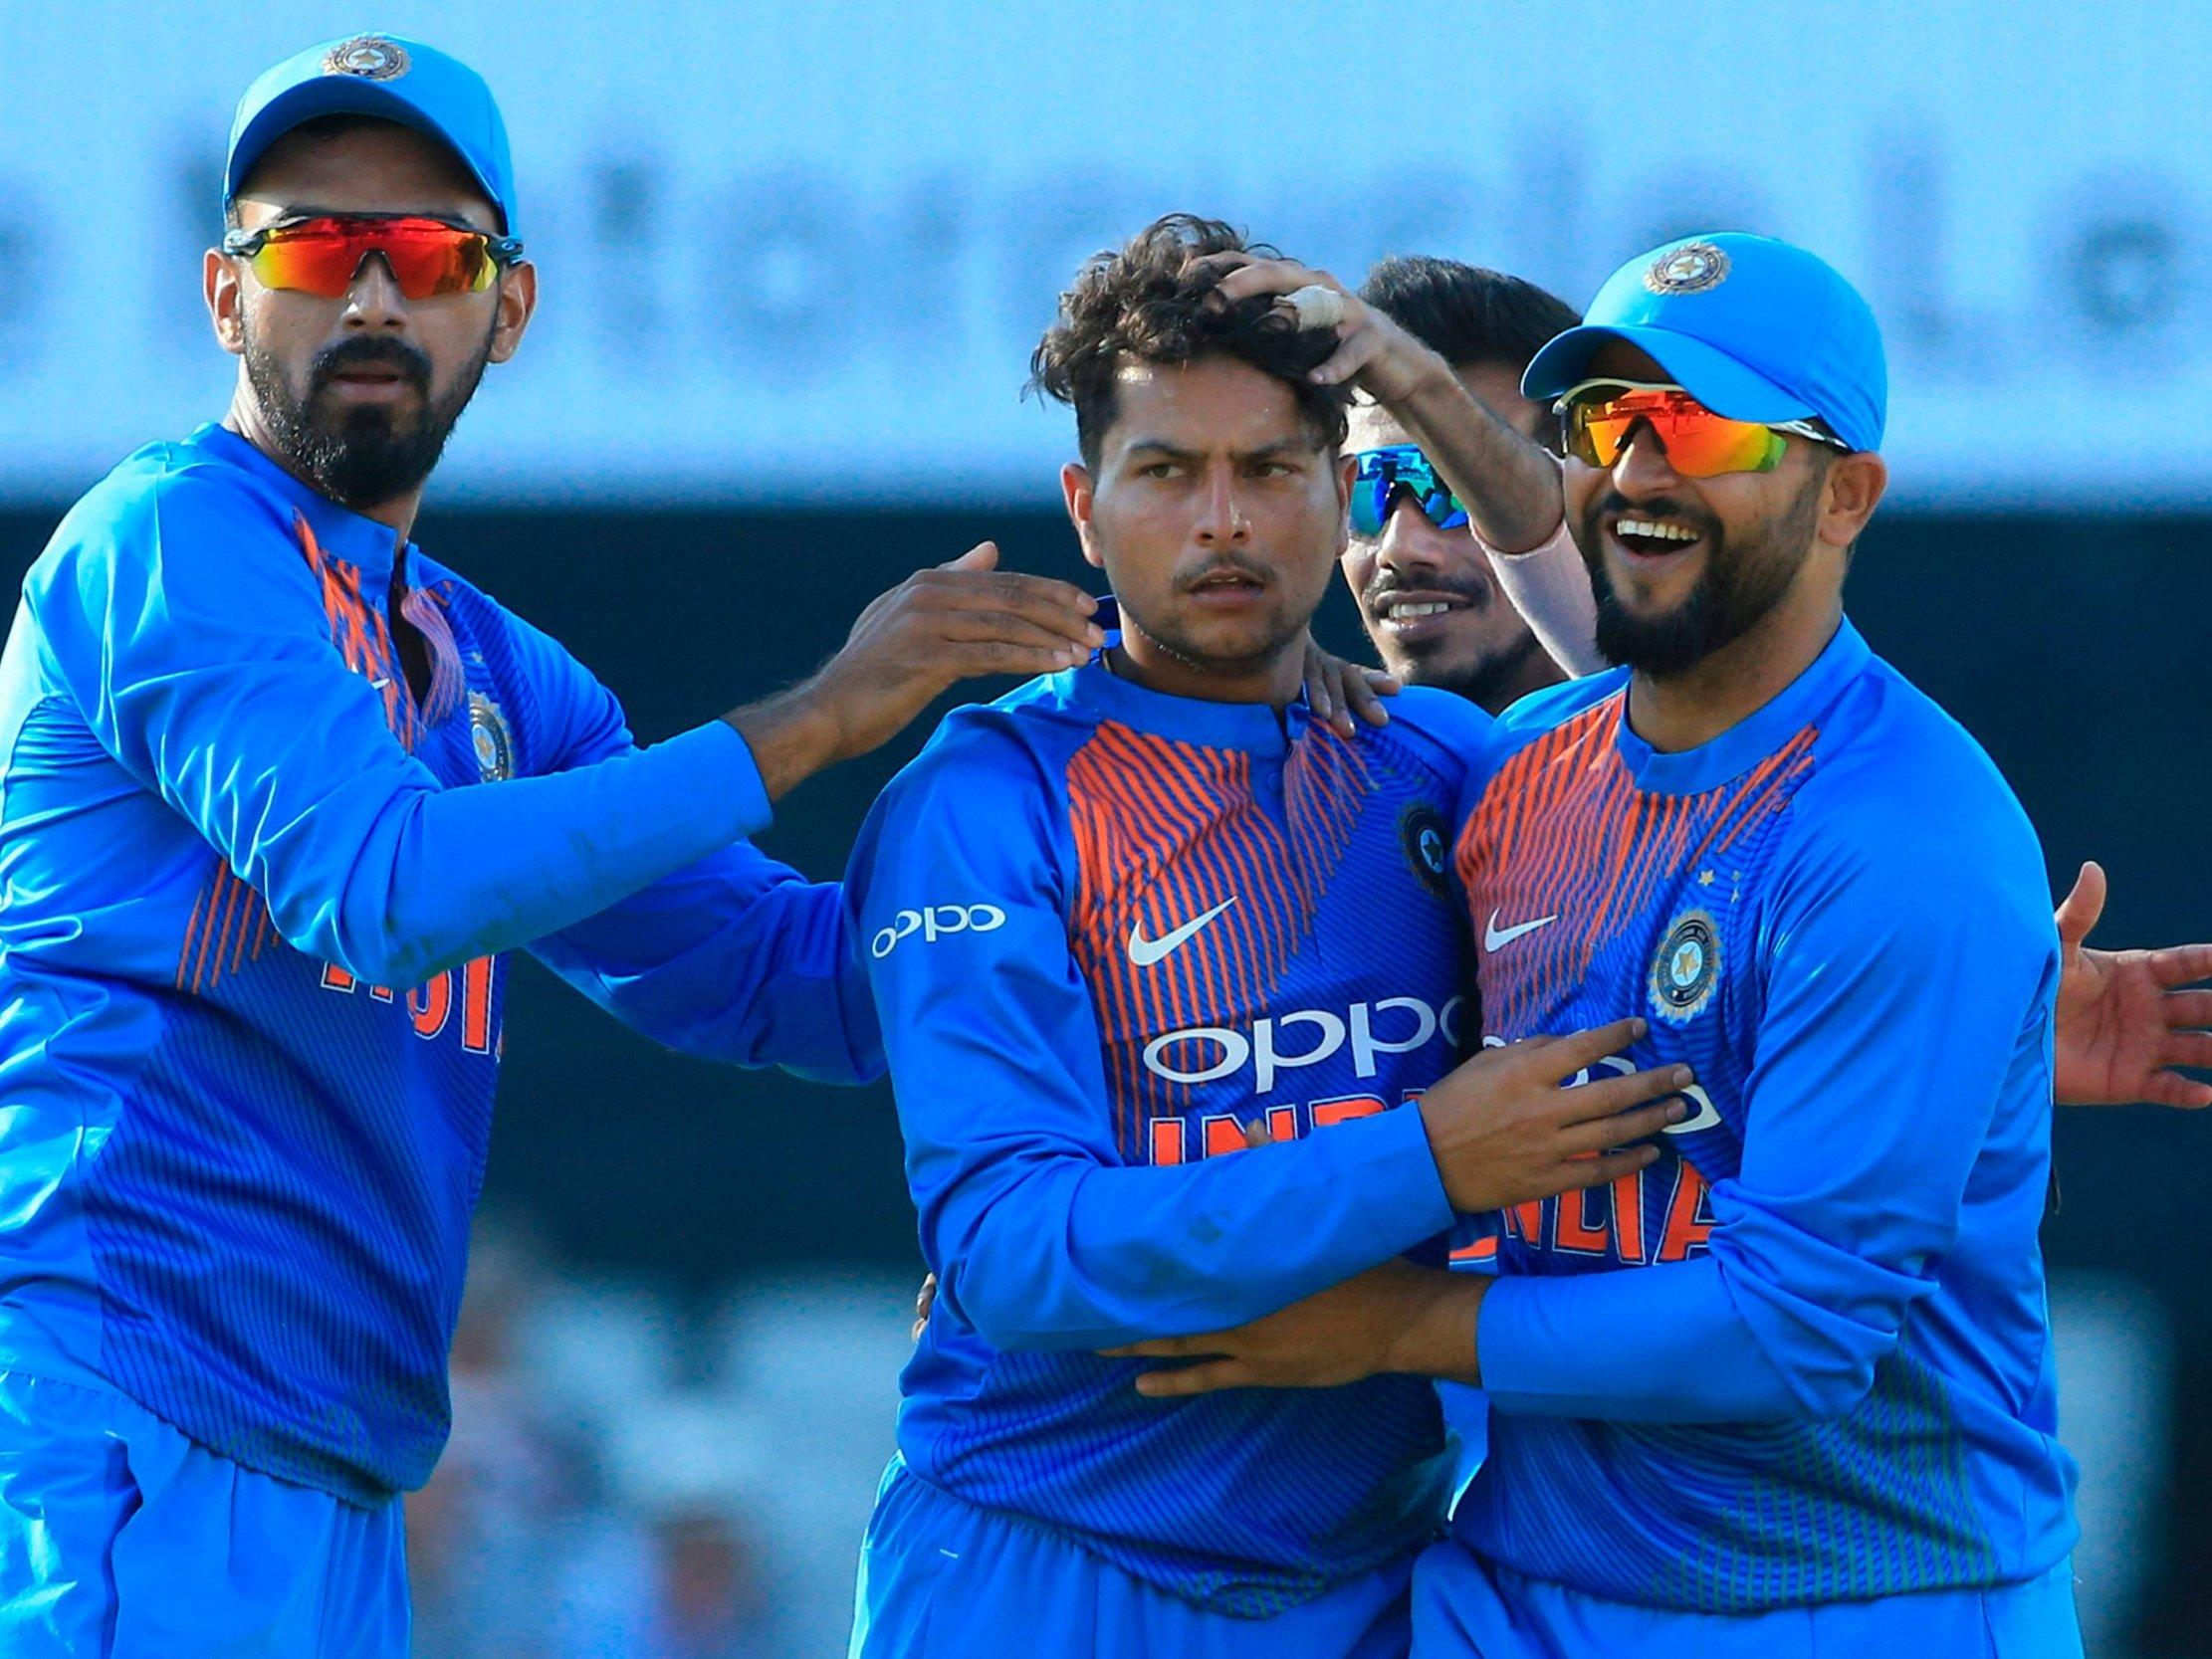 भारत वेस्टइंडीज को तब से दे रहा हैं मात जब विराट कों बैट पकड़ने का भी नहीं था ढंग 7